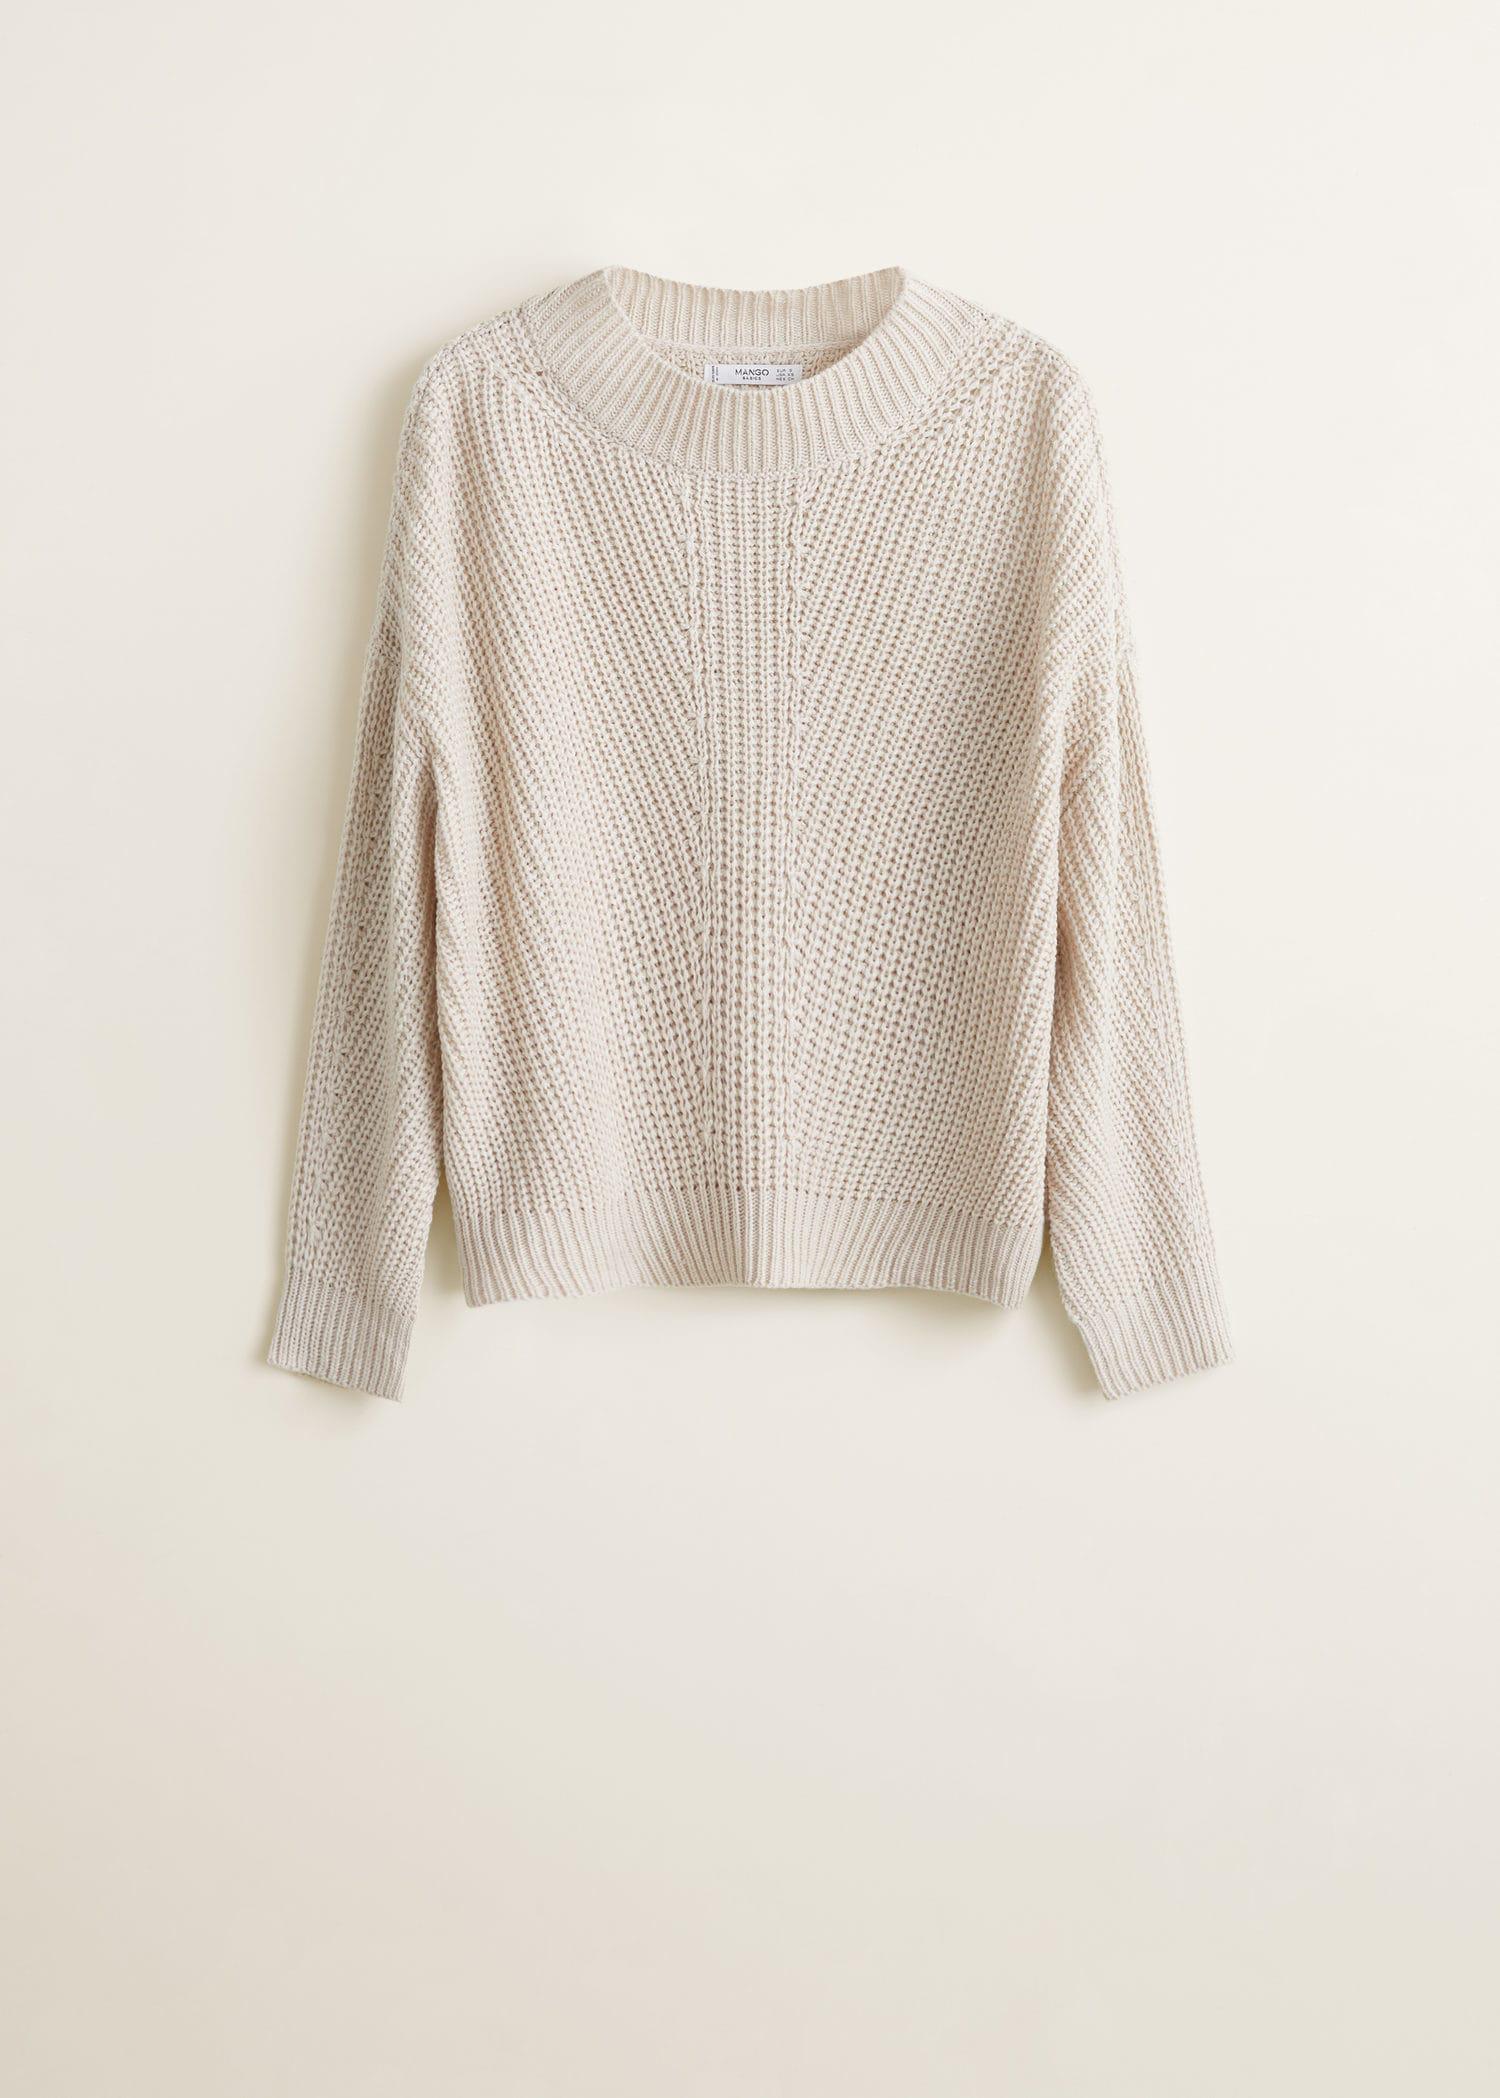 d43a5023070e ... Open-knit Sweater - Lyst. View fullscreen